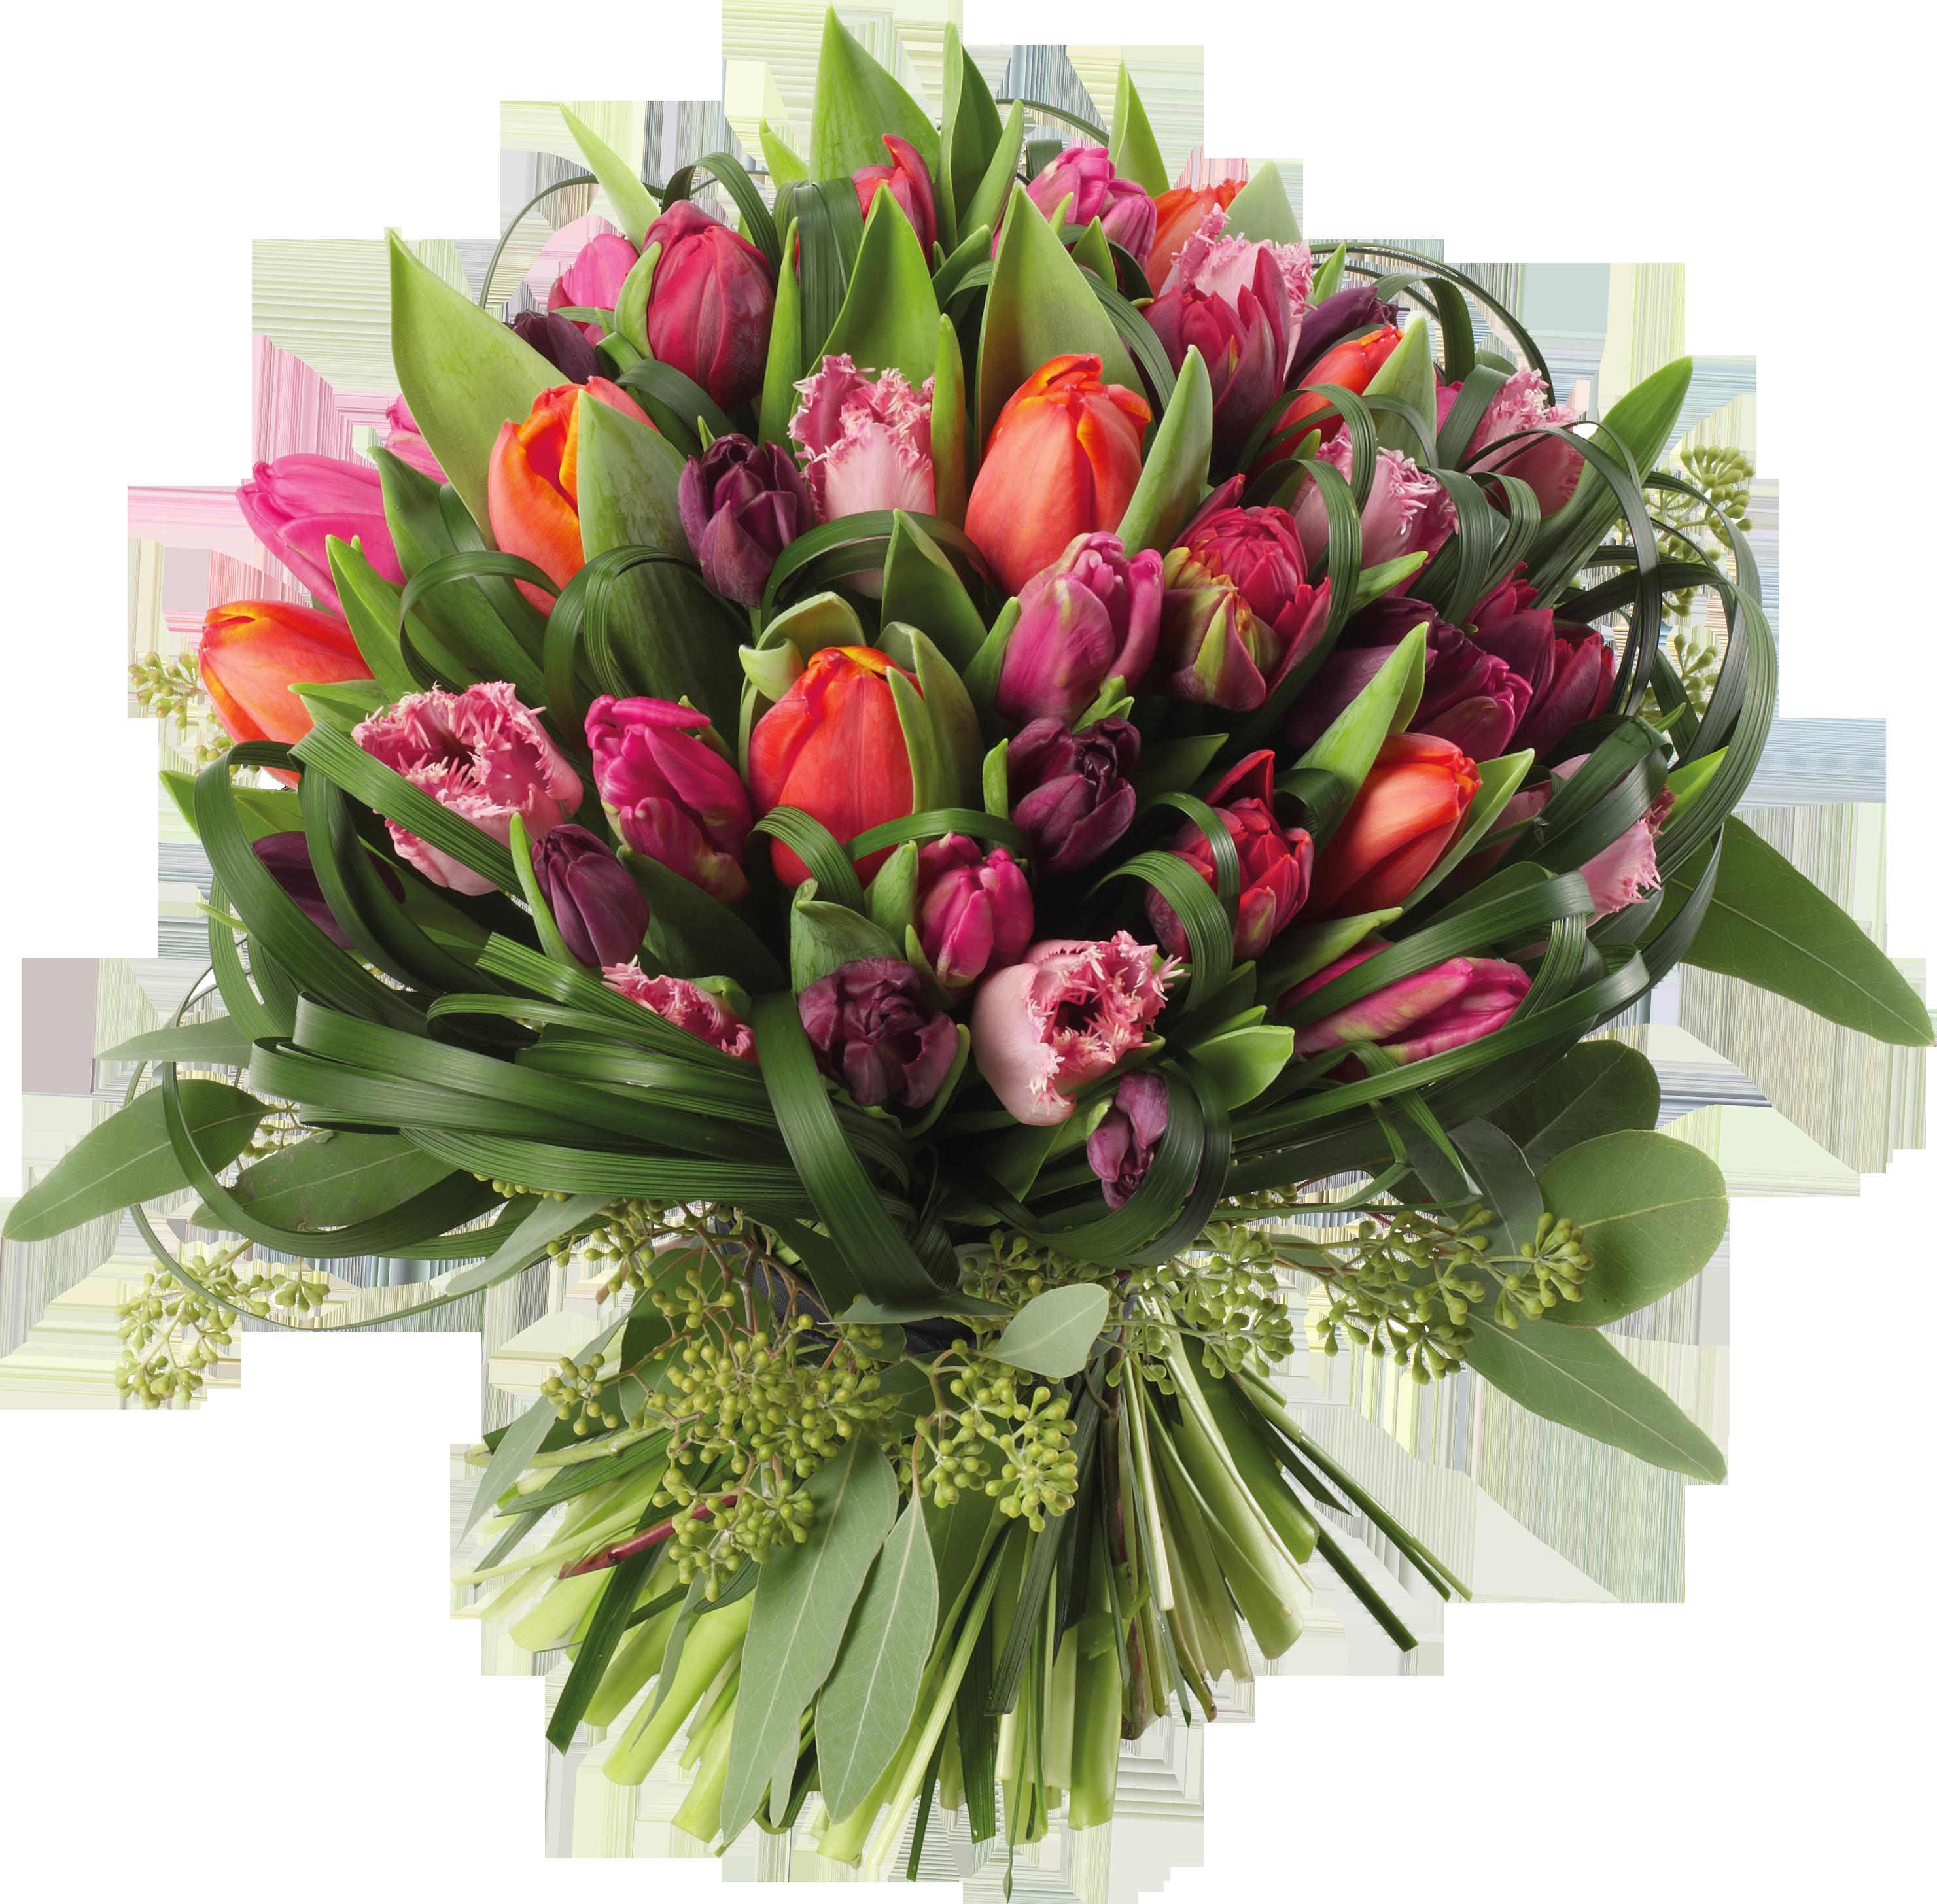 Transparent Tulips Bouquet PNG Clipart Picture.